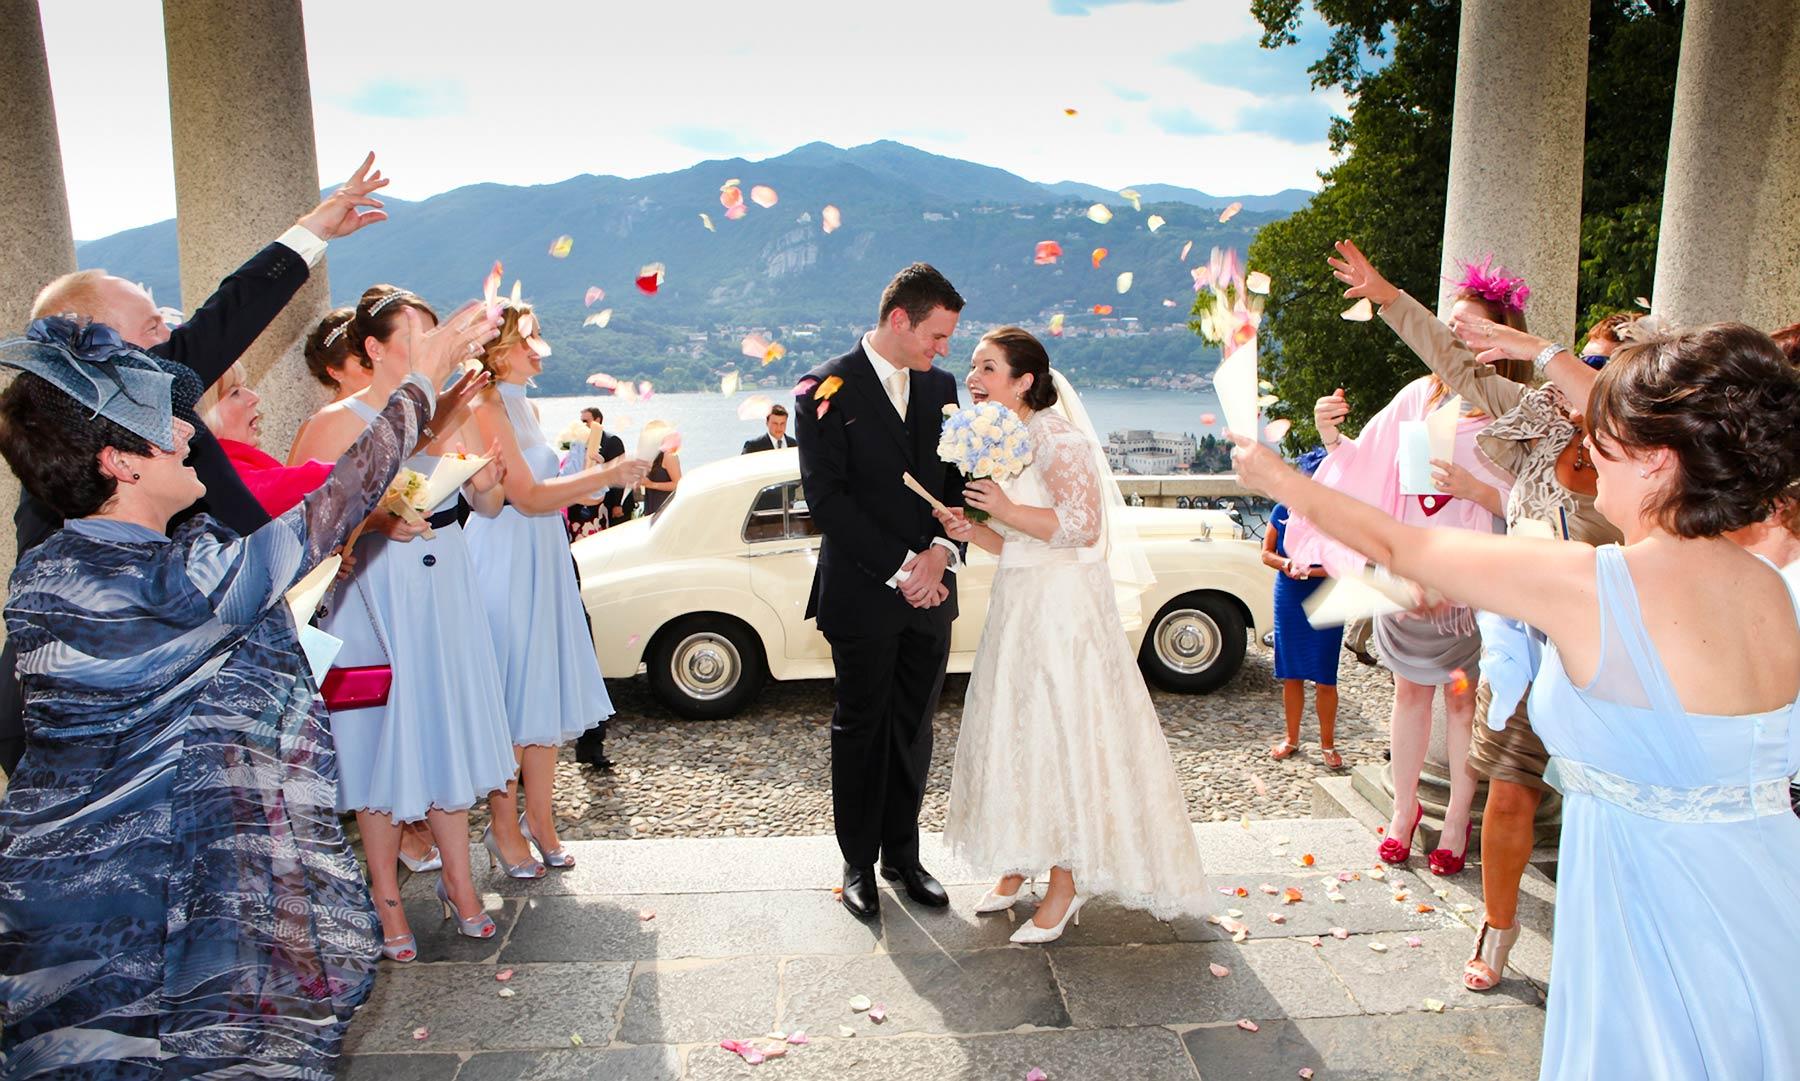 Catholic Wedding Ceremonies In Italy